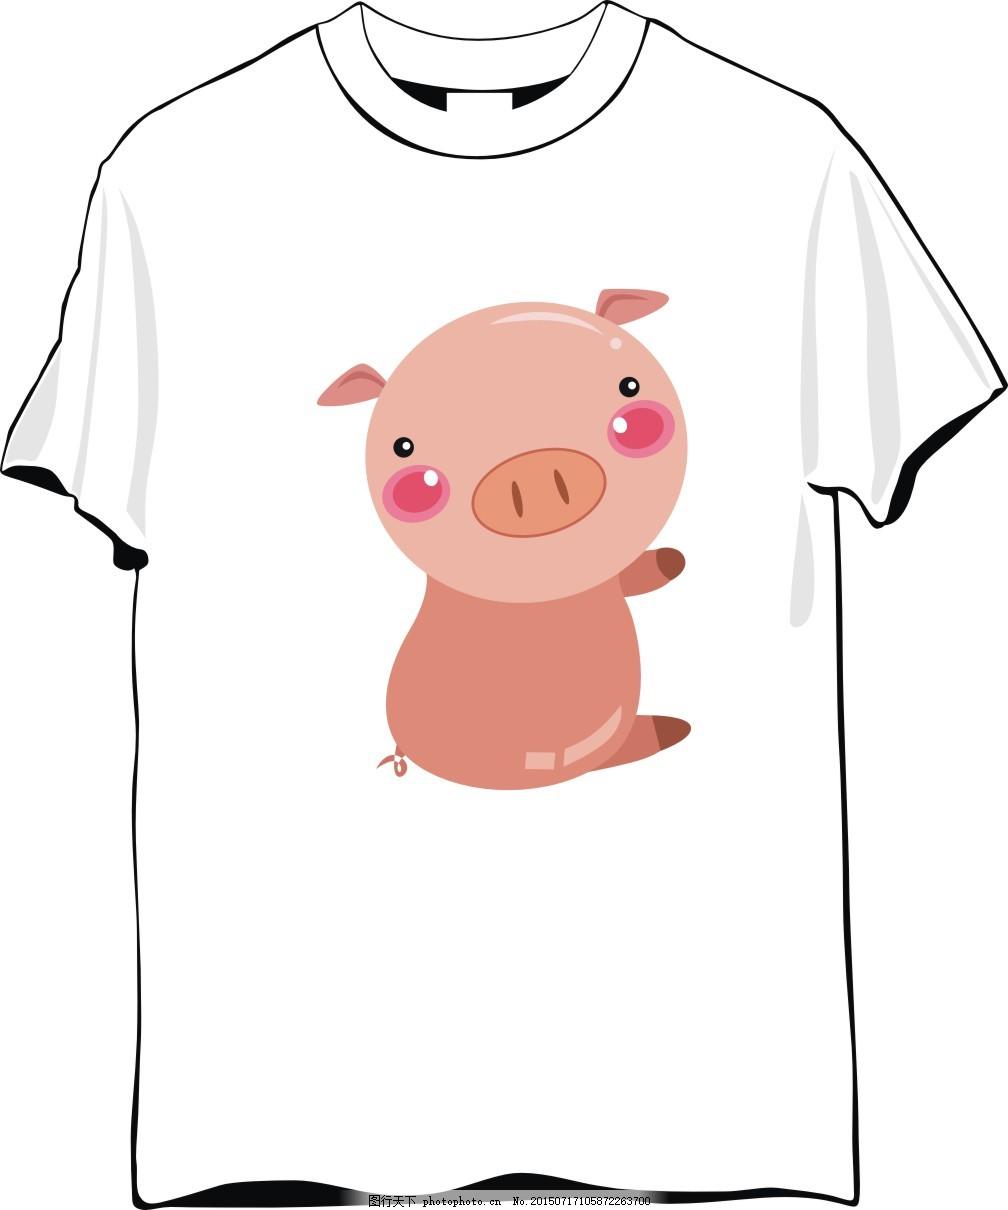 小猪t恤 动物图案t恤 可爱t恤 白色 涂鸦 手绘 彩色 卡通 矢量图 小